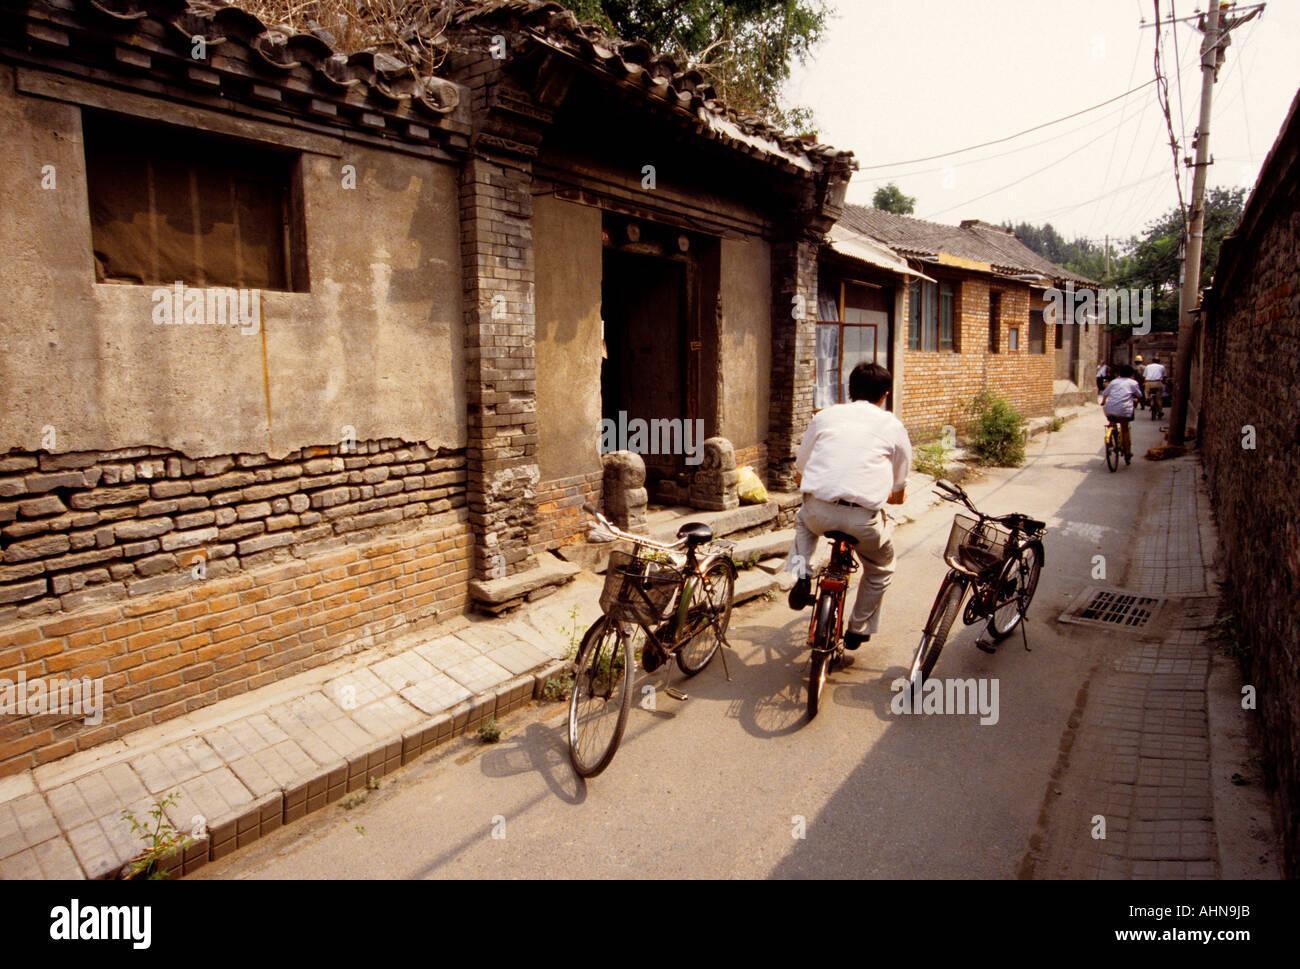 Beijing hutong neighborhood - Stock Image